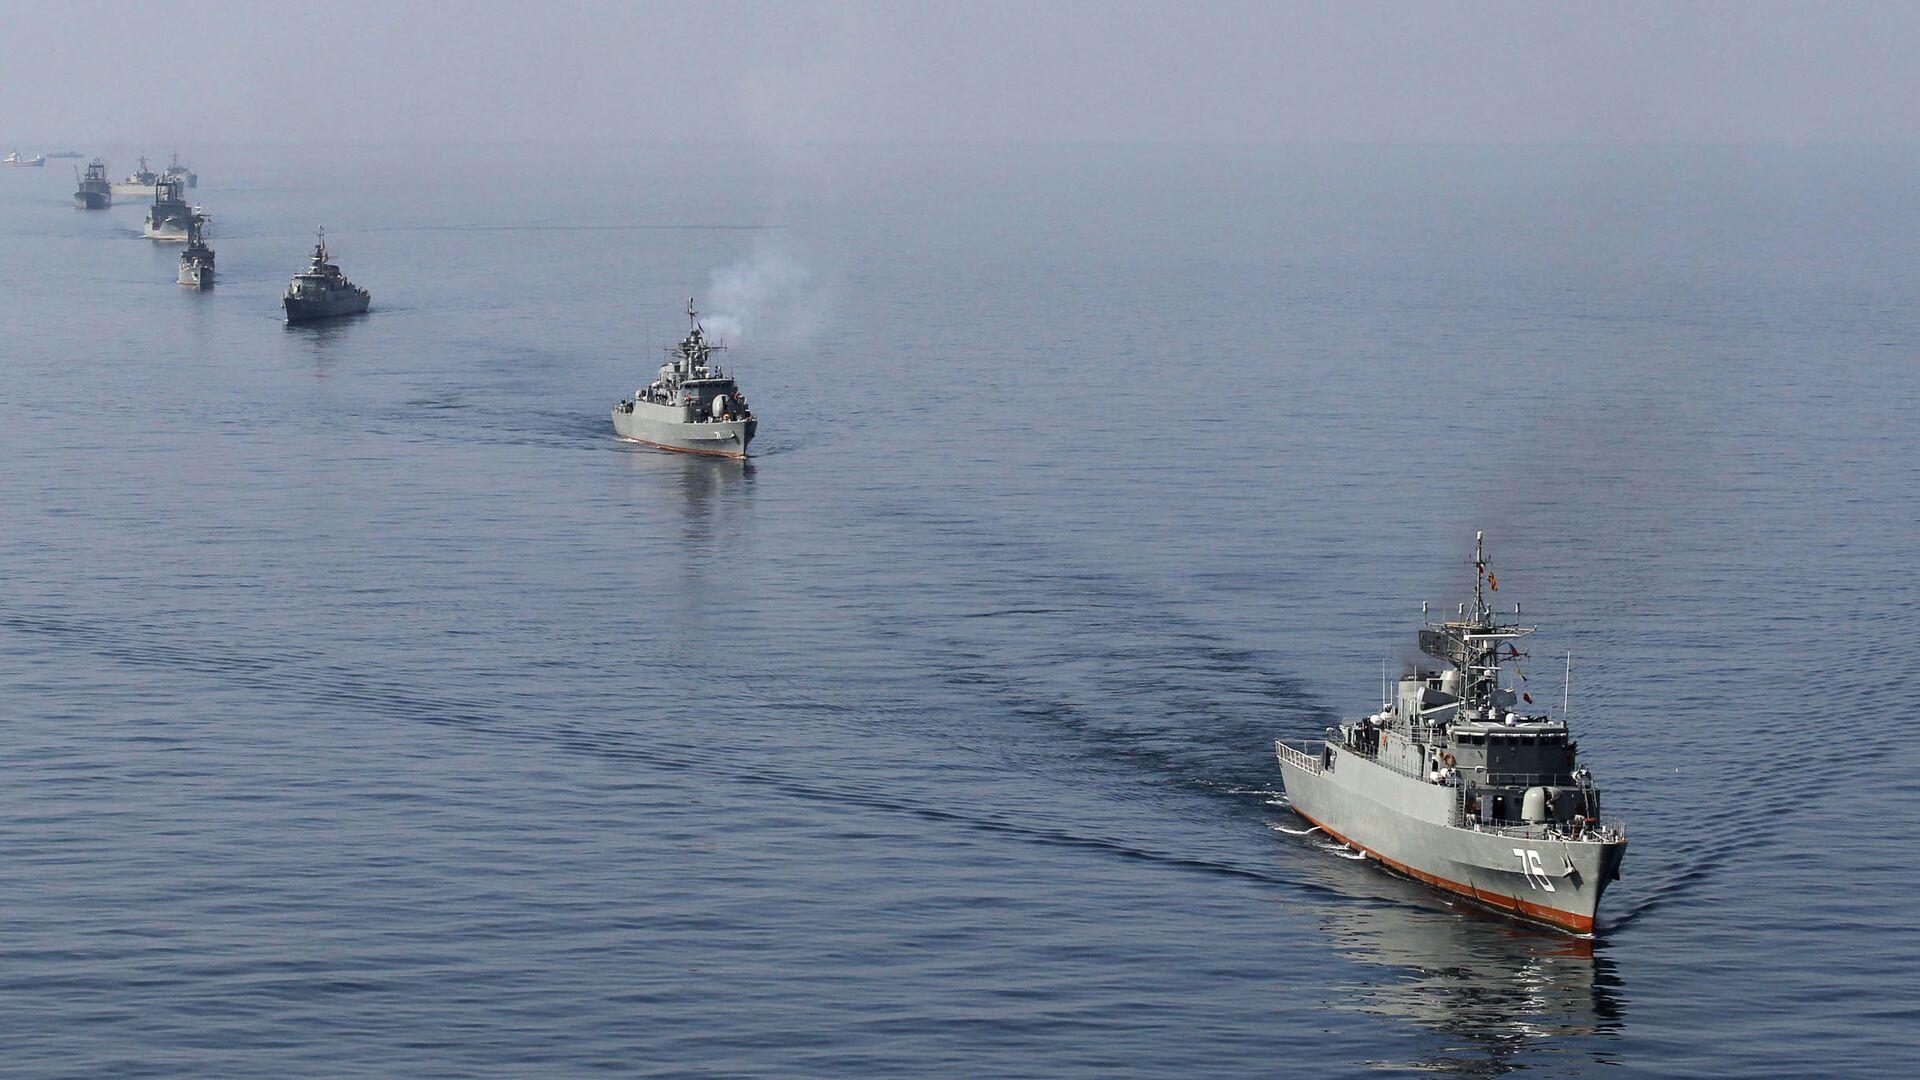 Ejercicios de buques de guerra iraníes en el estrecho de Ormuz (archivo) - Sputnik Mundo, 1920, 26.07.2021